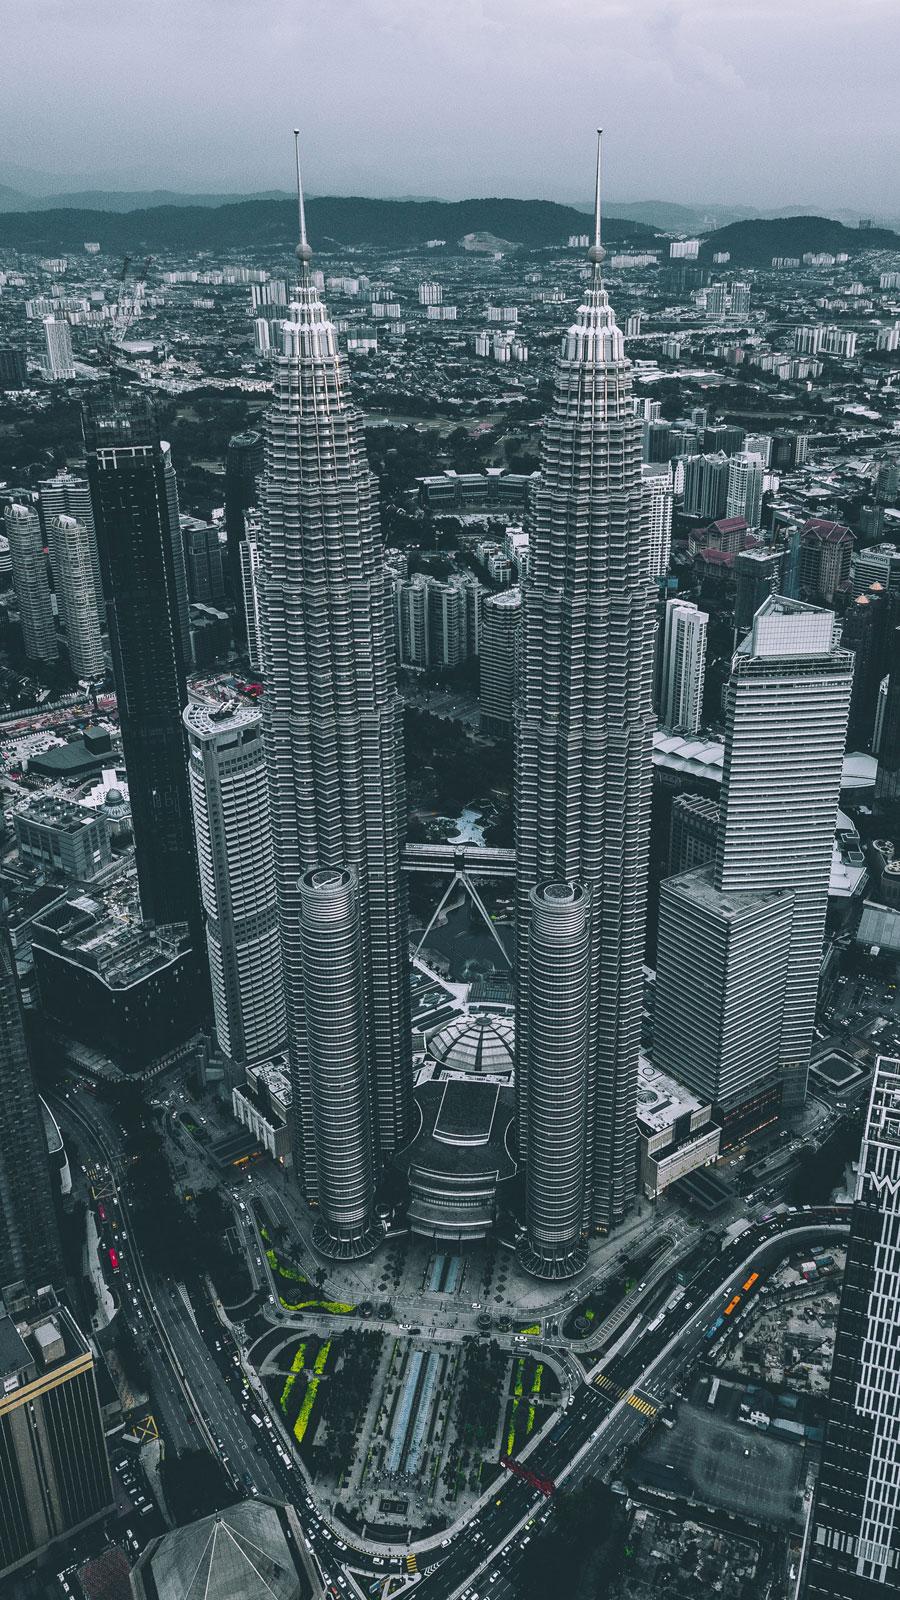 Du Lịch Malaysia 3 Ngày 2 Đêm Tự Túc